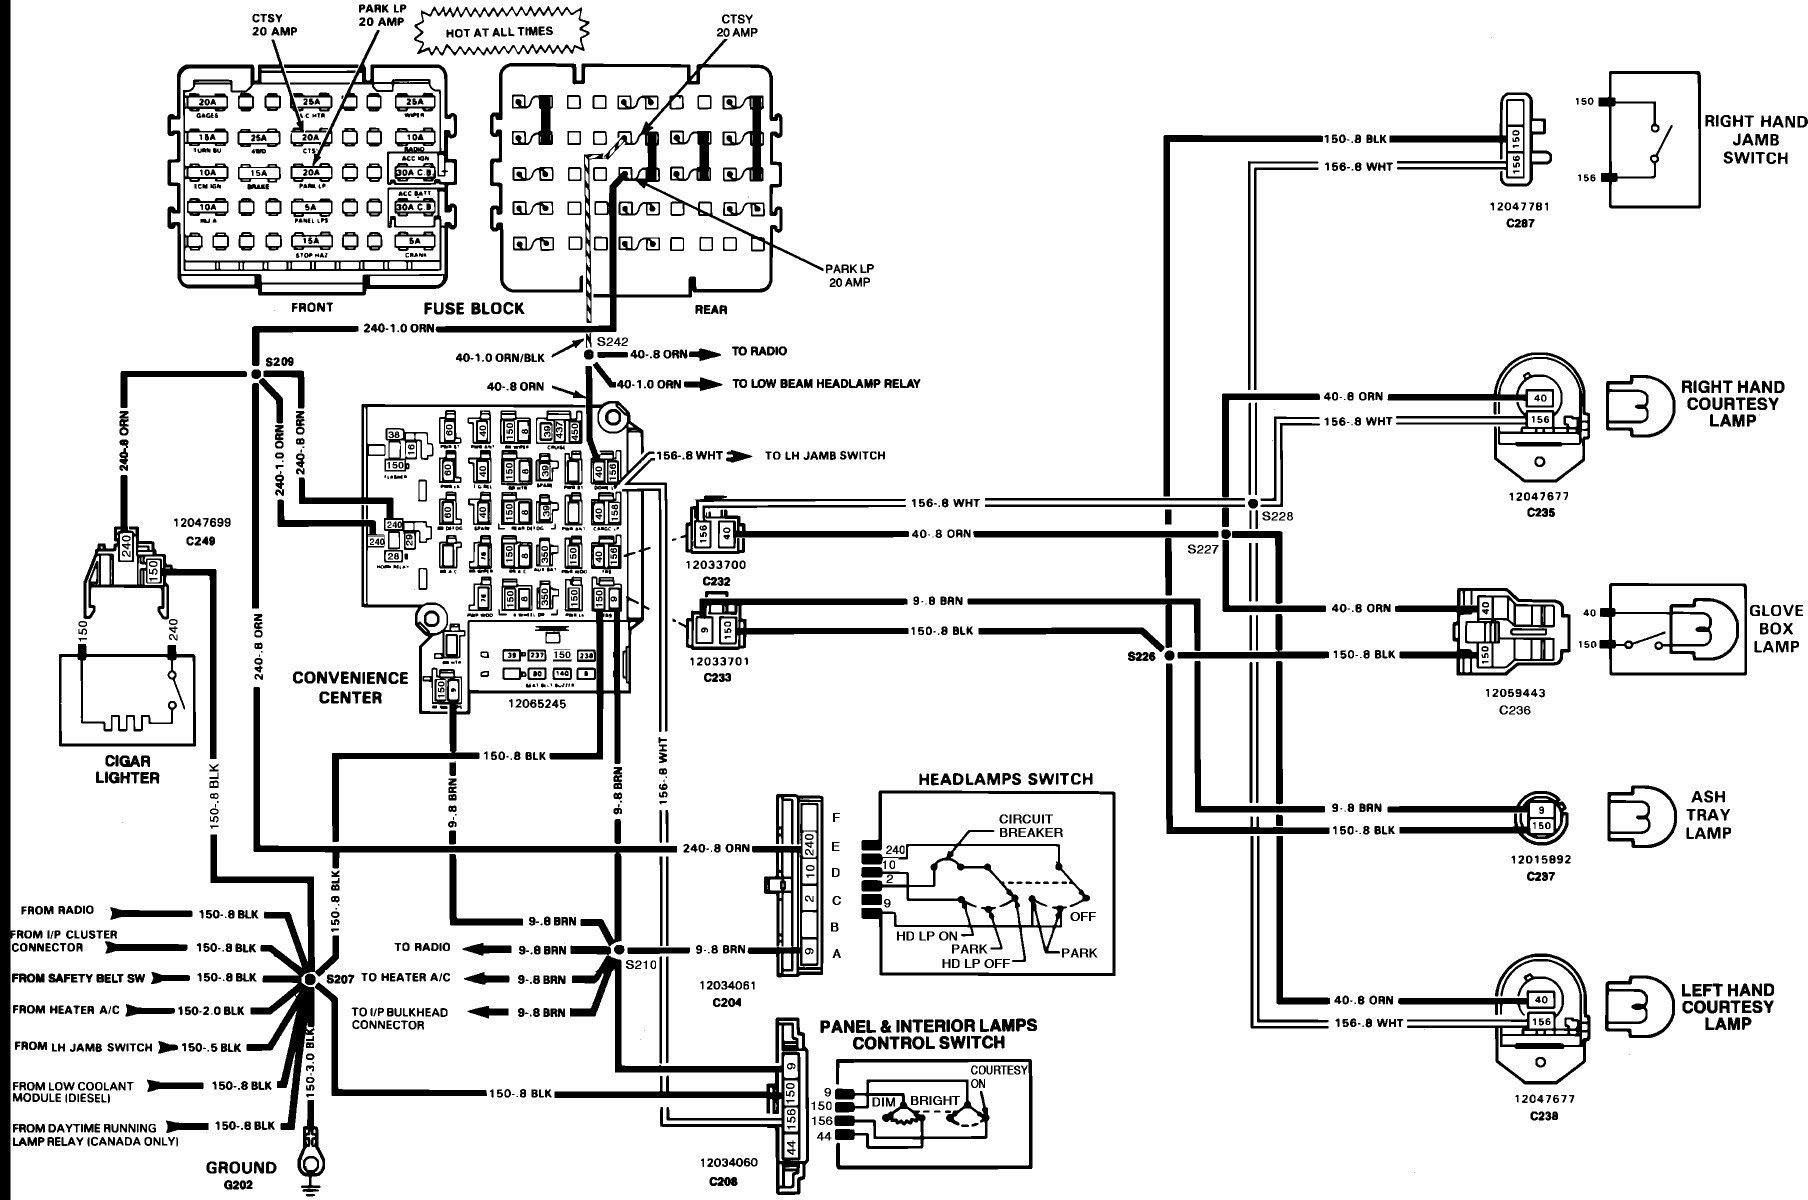 Unique Home Wiring Diagram Sample Diagram Diagramsample